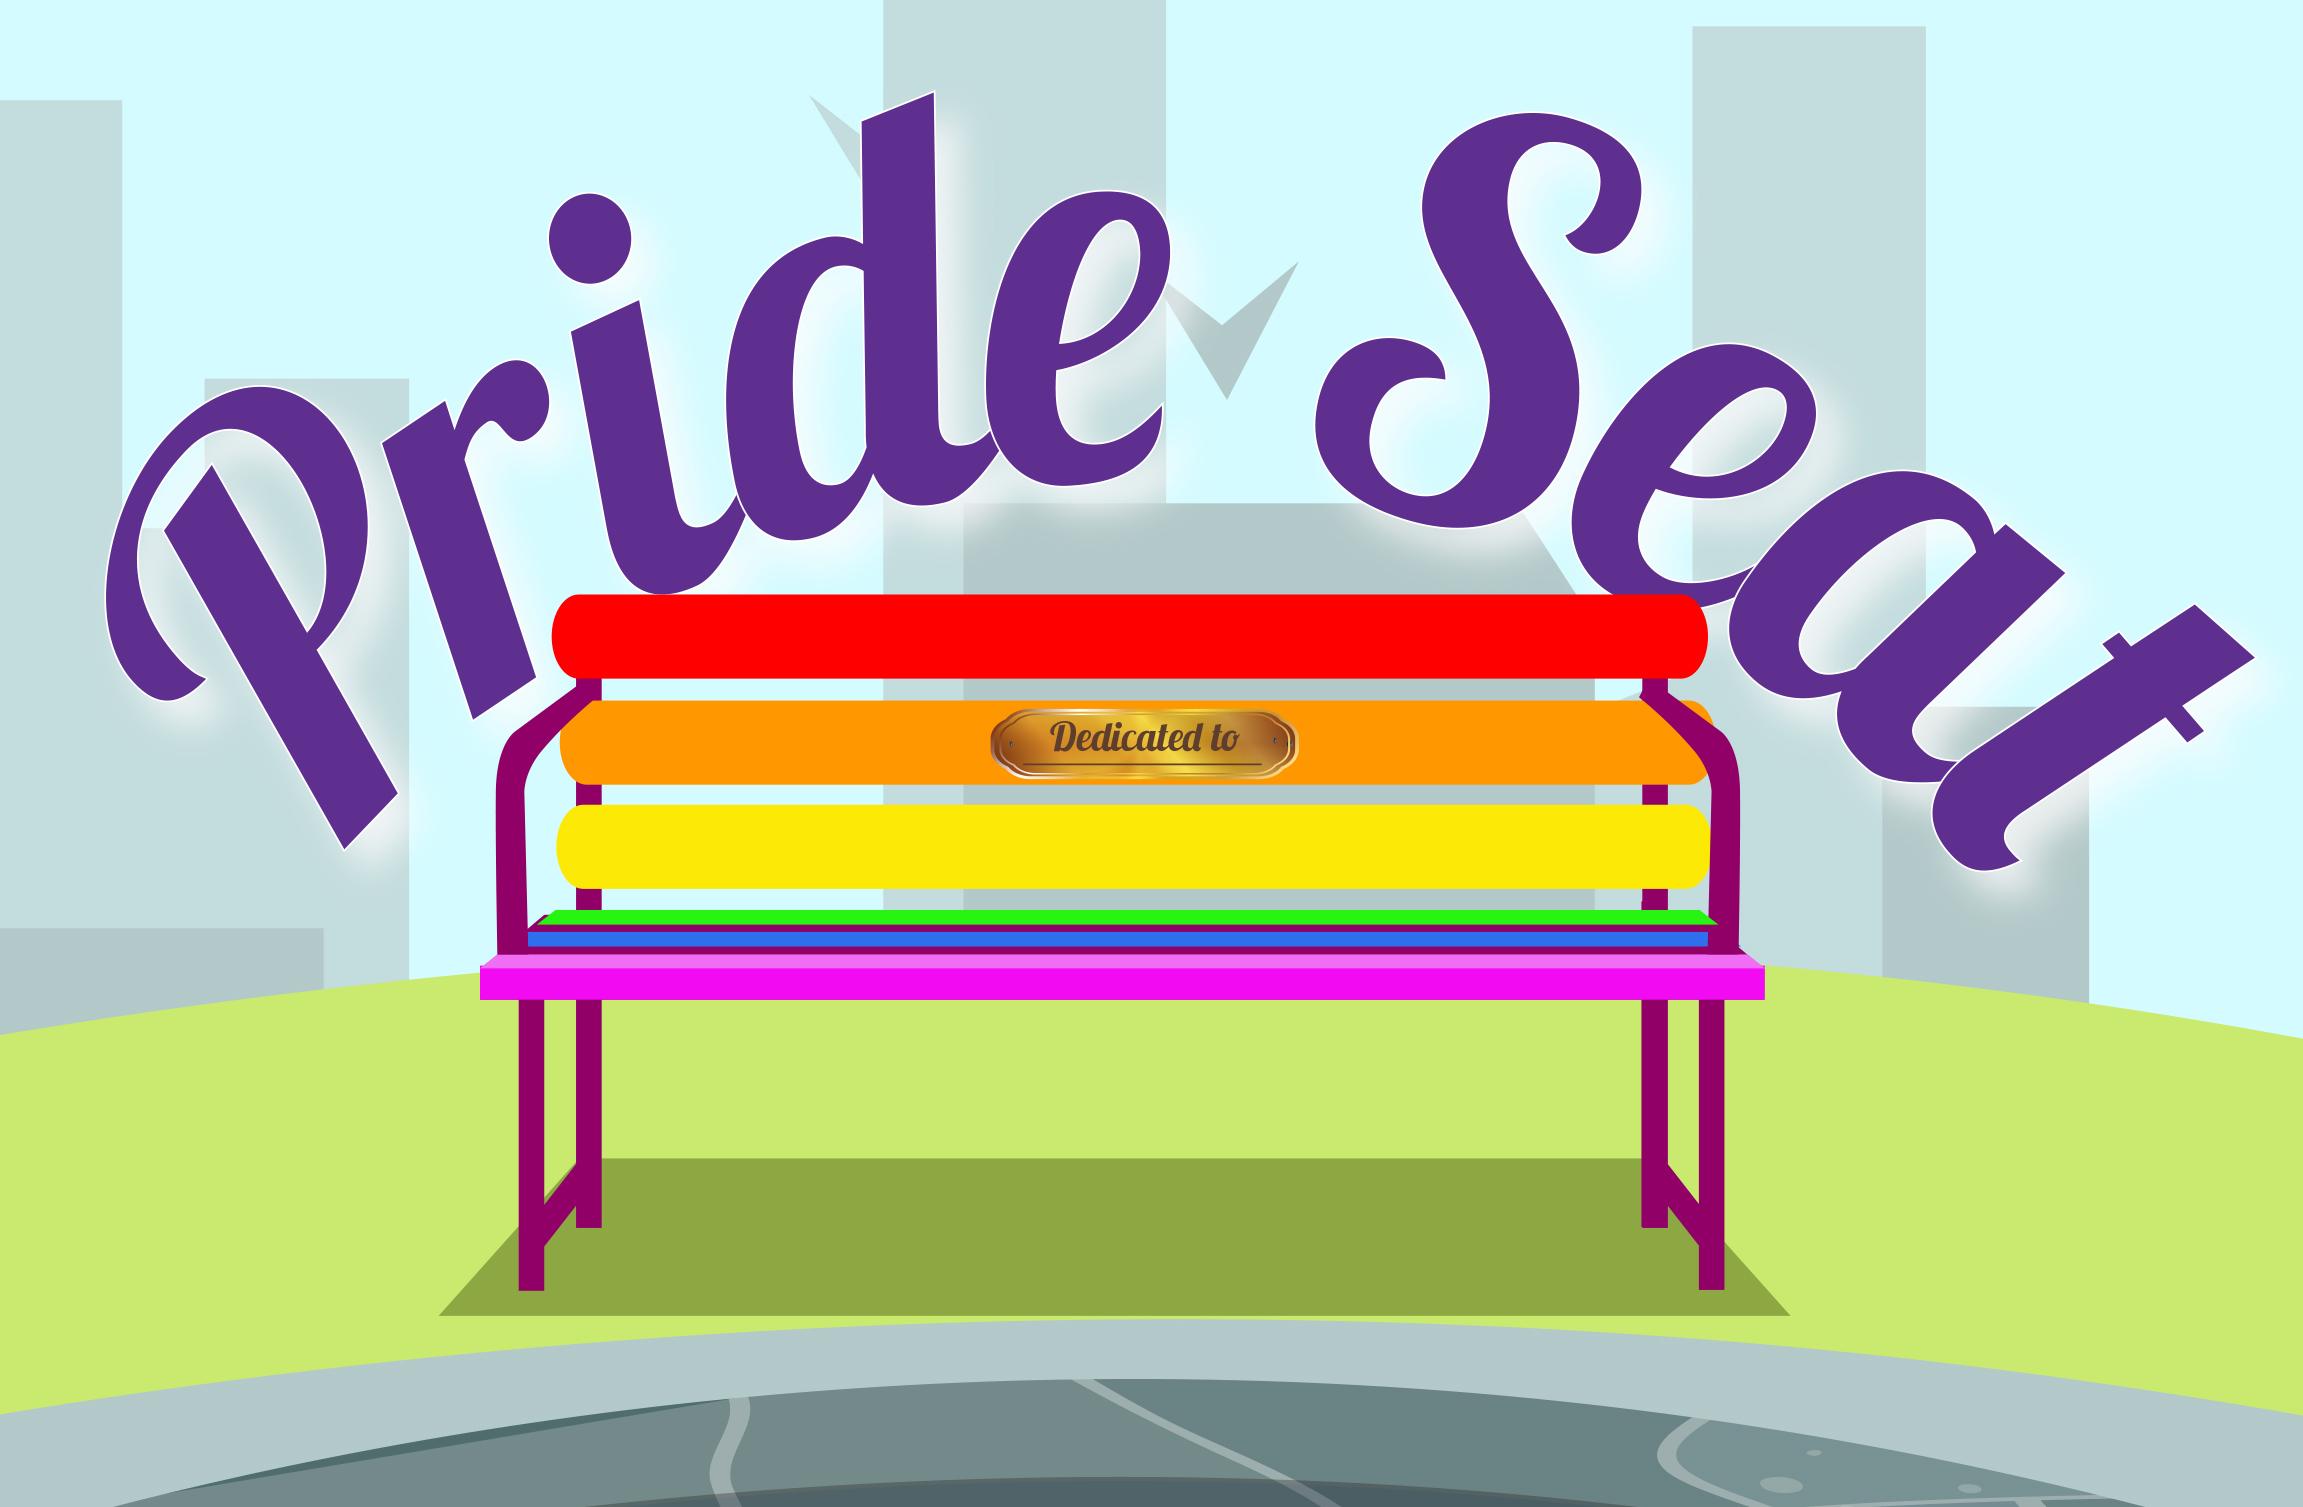 Prideseat